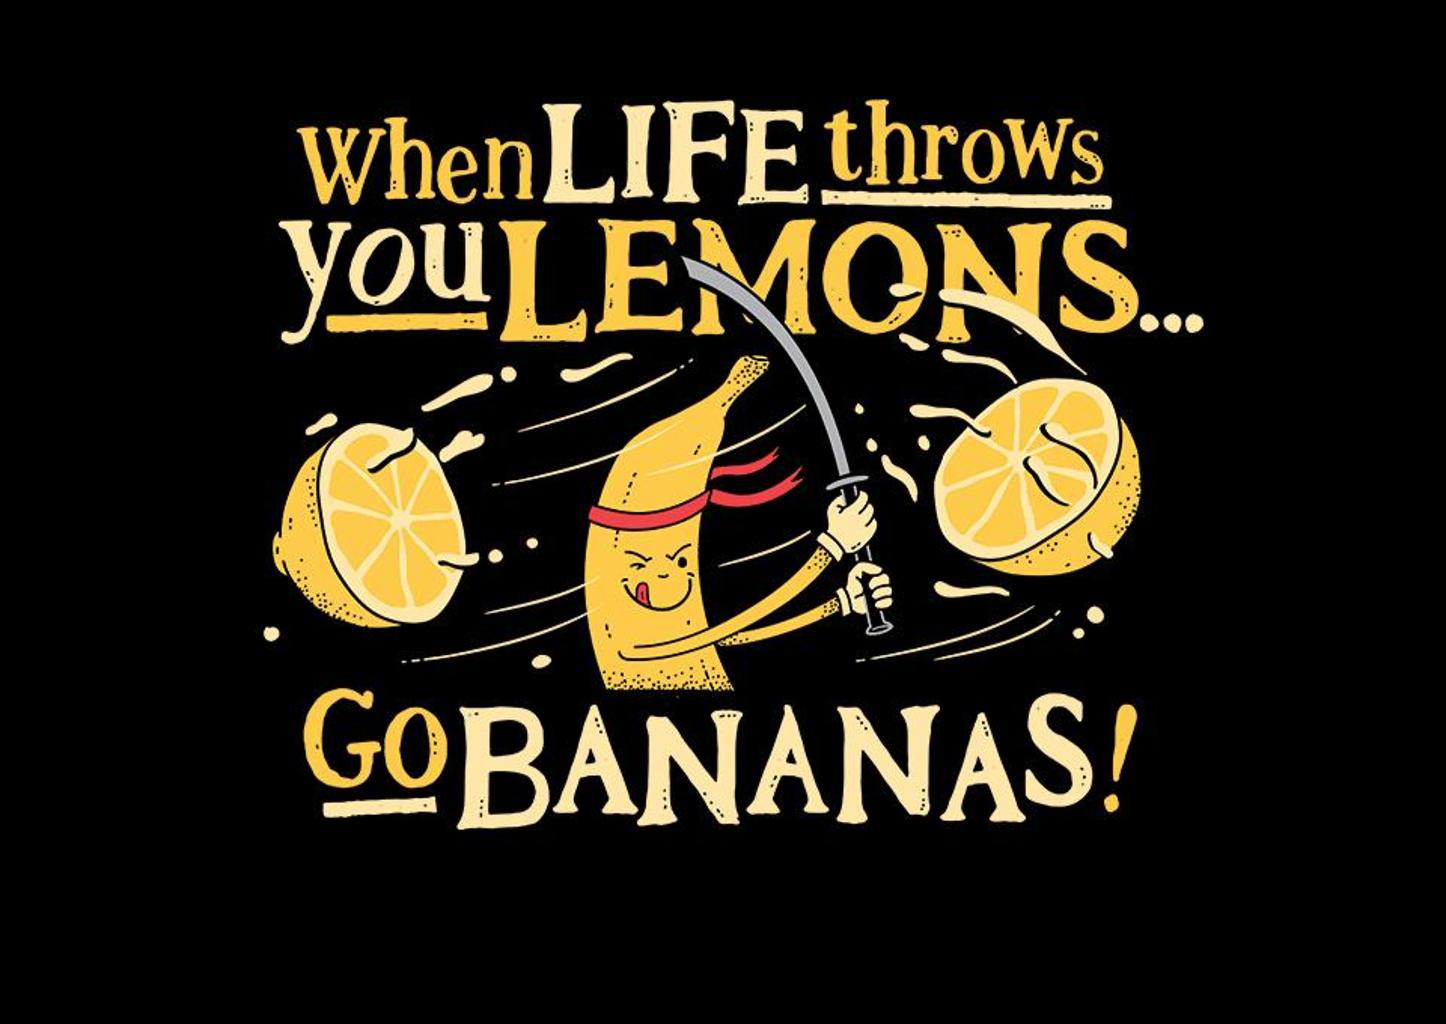 TeeFury: Go Bananas